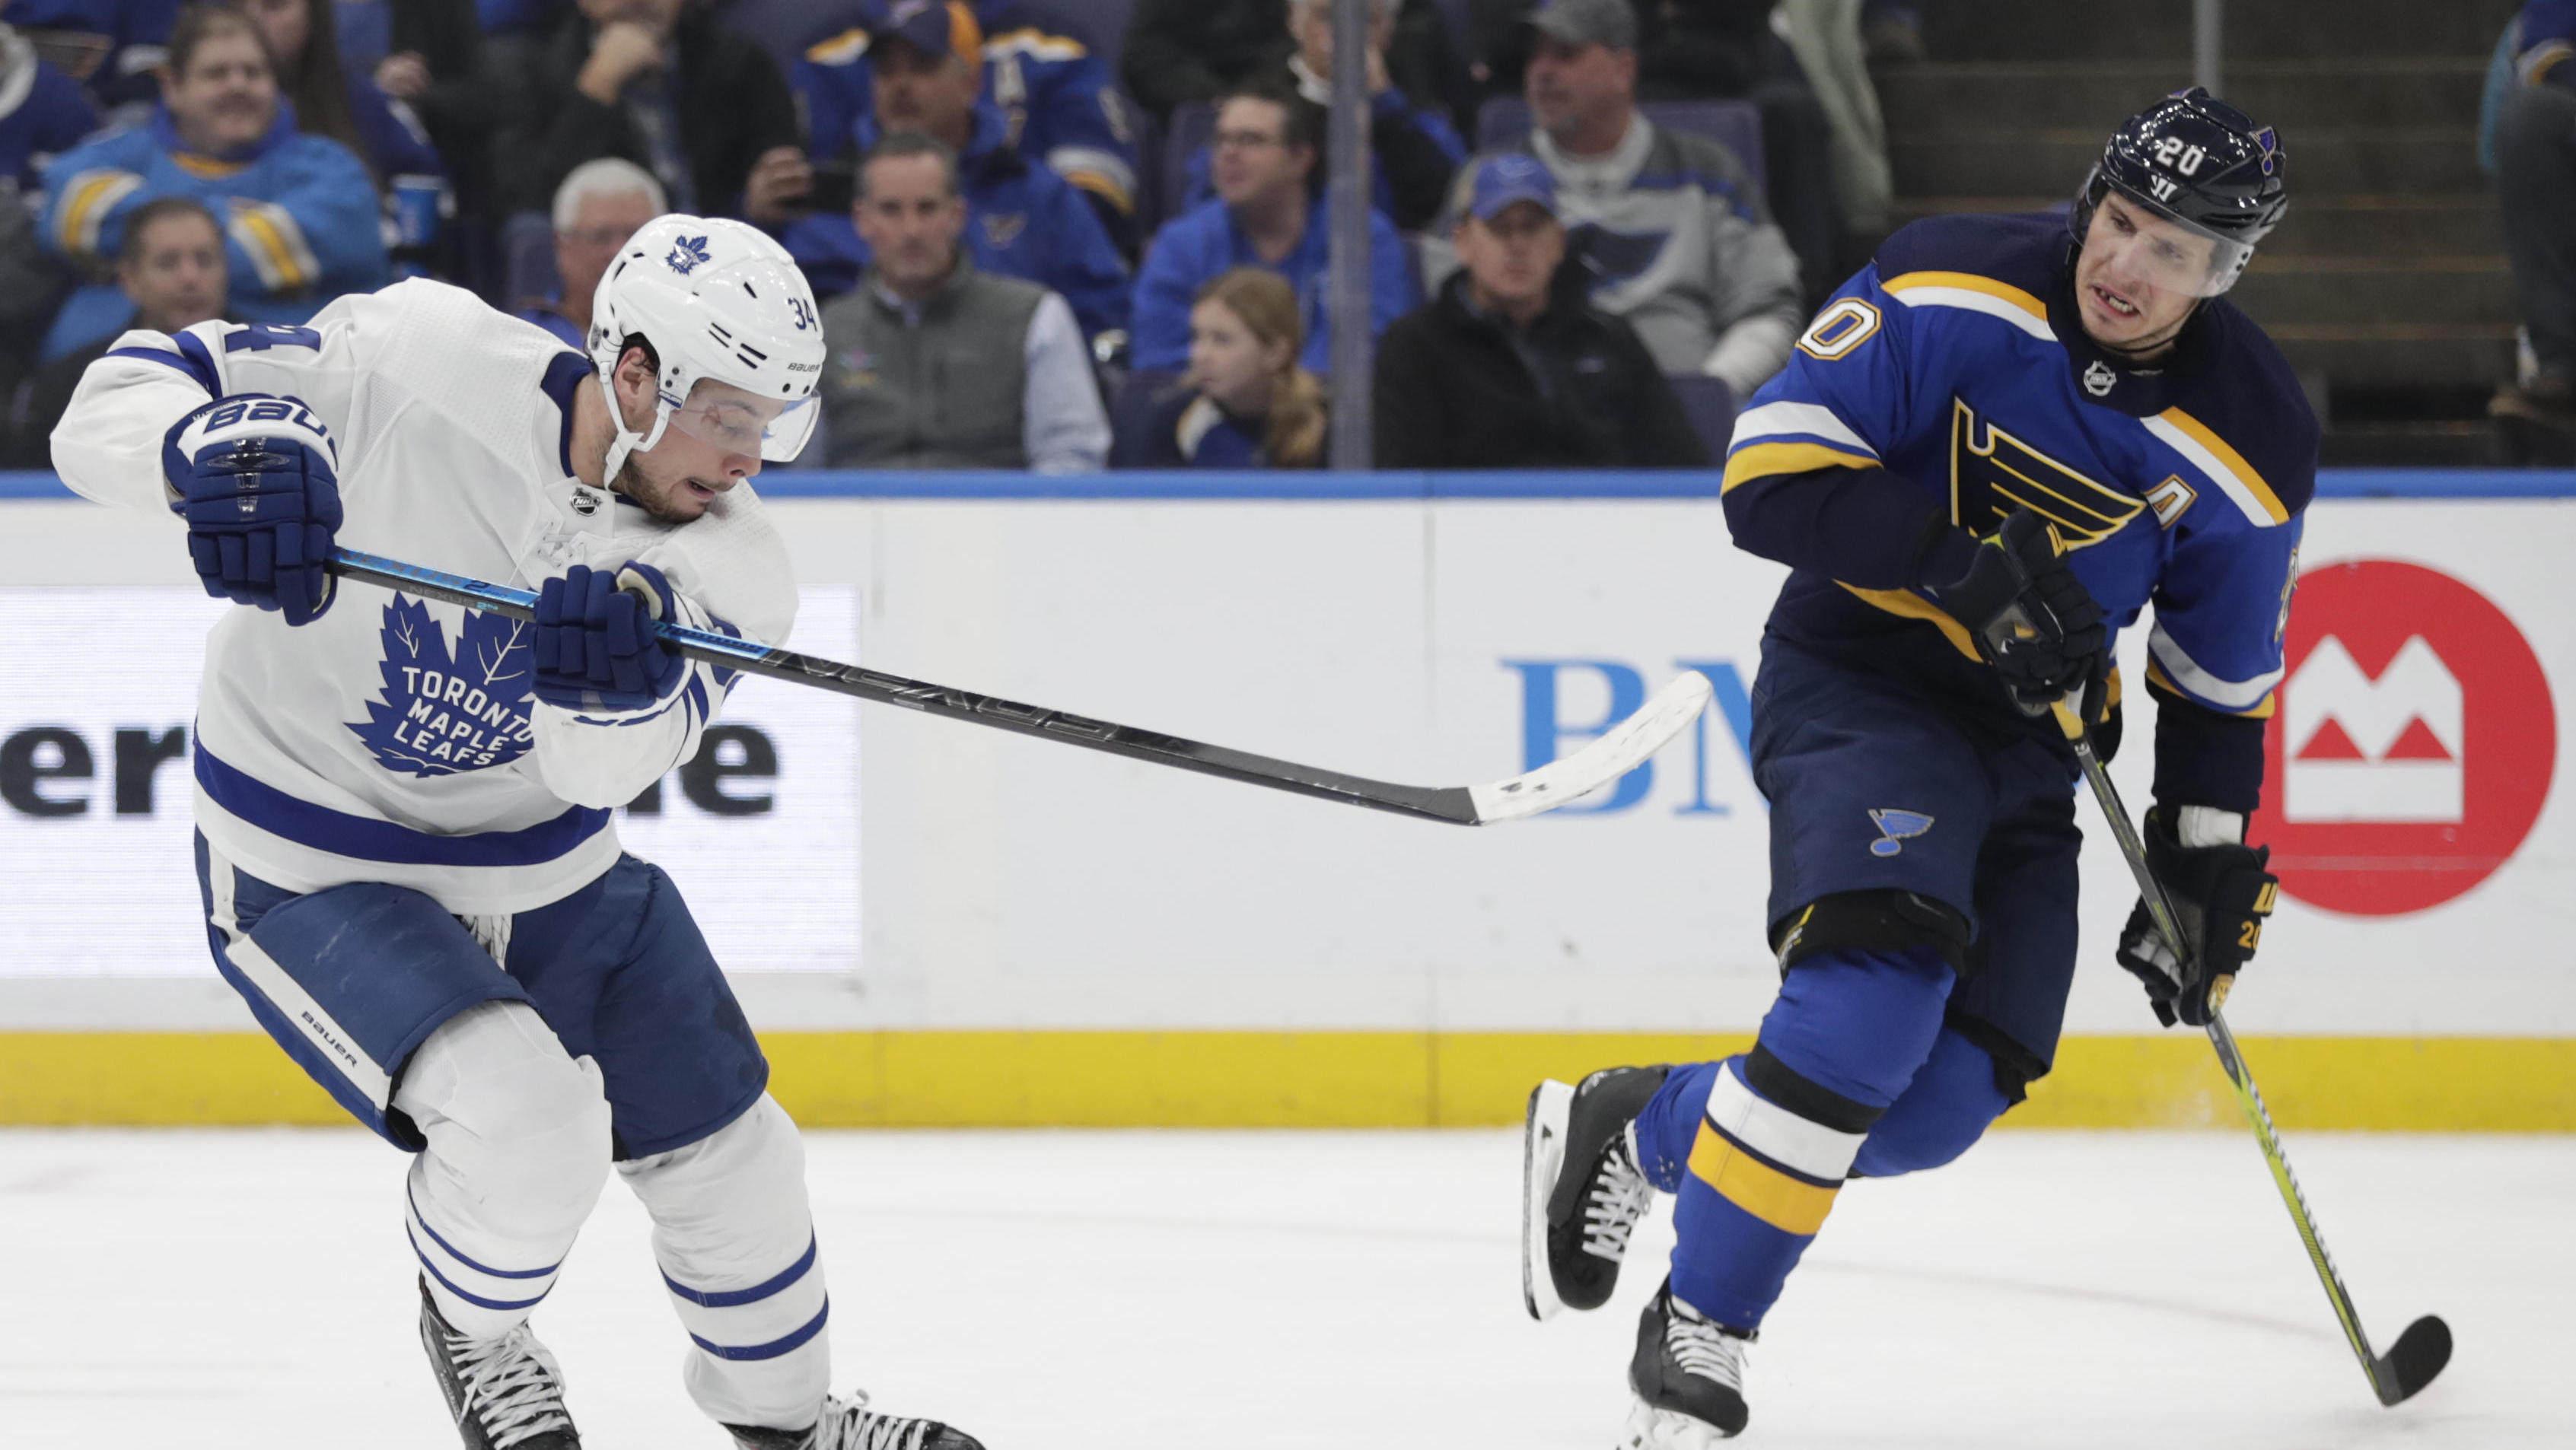 【集锦】NHL-美洲豹5-3逆转击败枫叶 普苏克上演帽子戏法_NHL全场回放